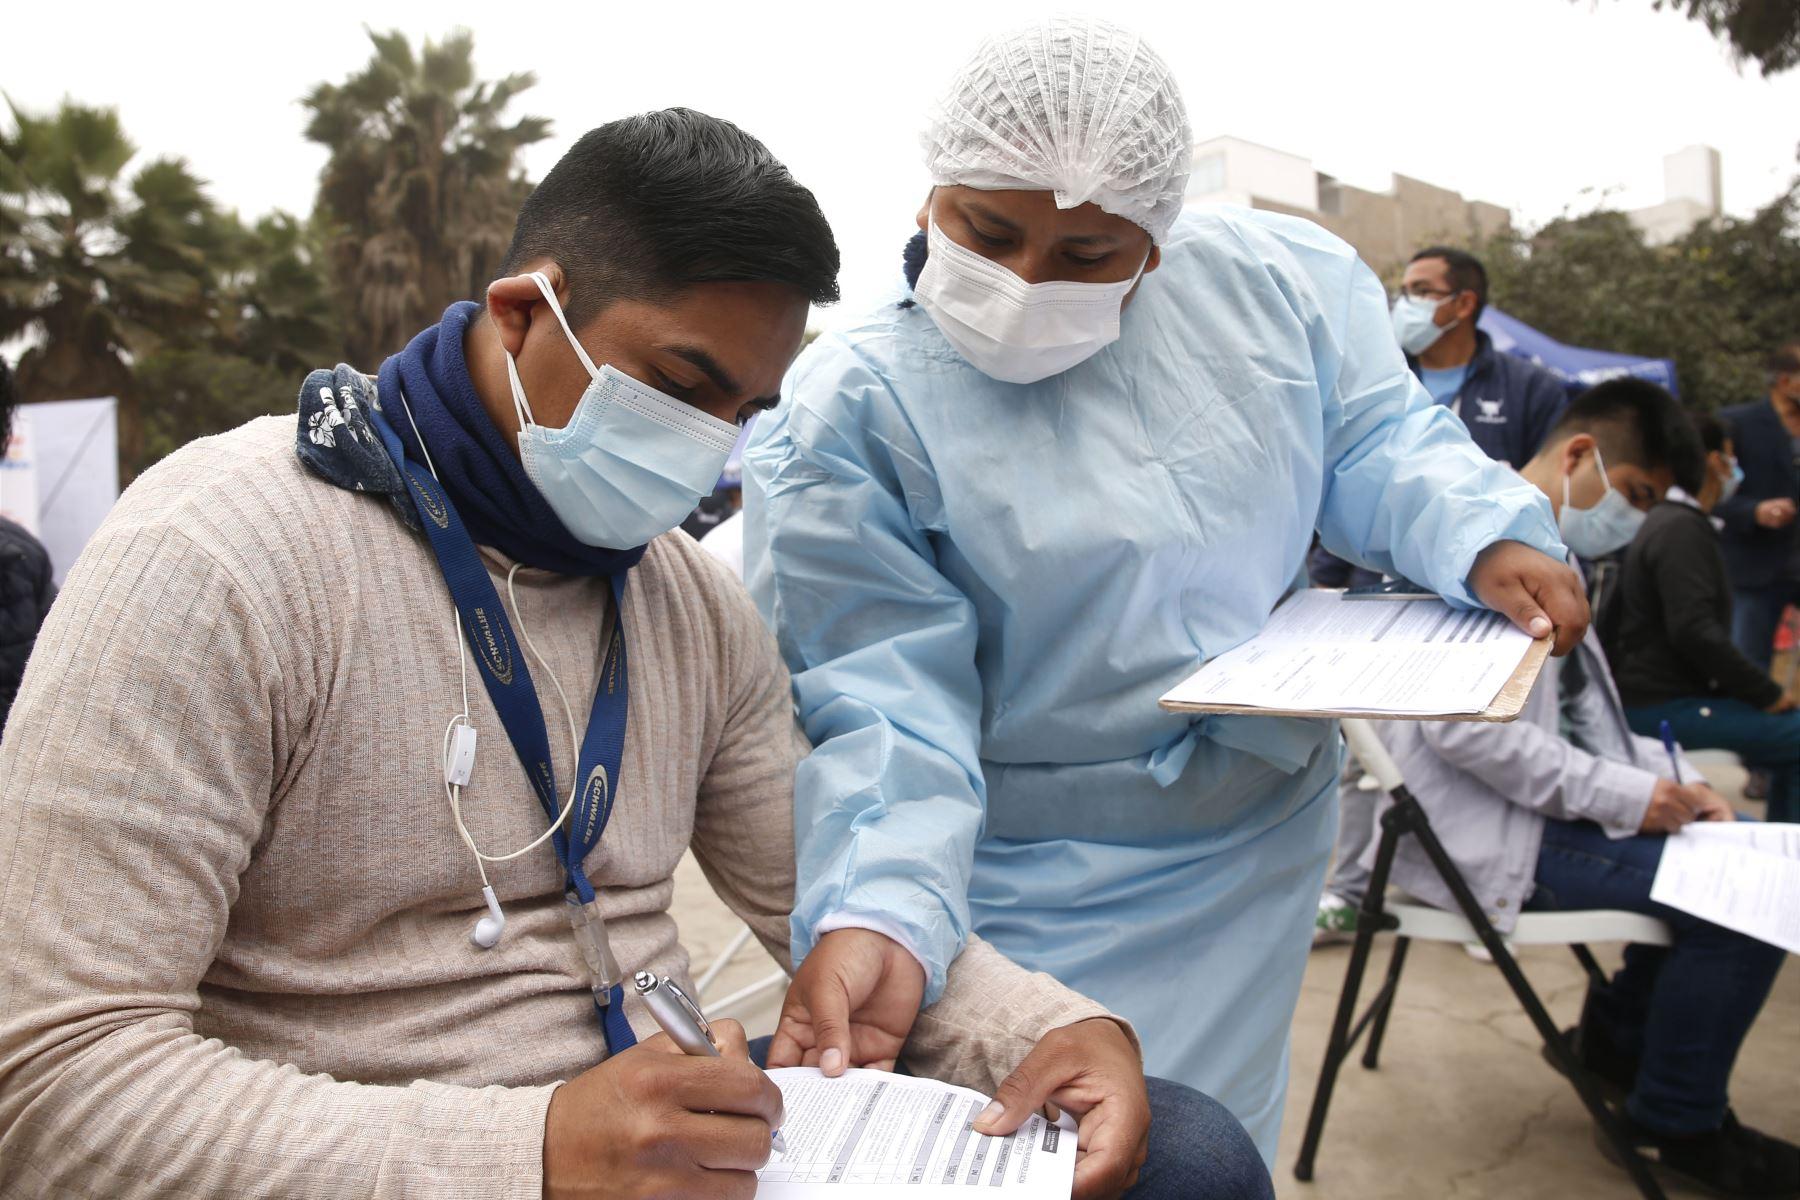 Viceministro  de Prestaciones y Aseguramiento en Salud, Bernardo  Ostos, supervisa campaña de Salud en San Juan de Lurigancho. Foto: Minsa